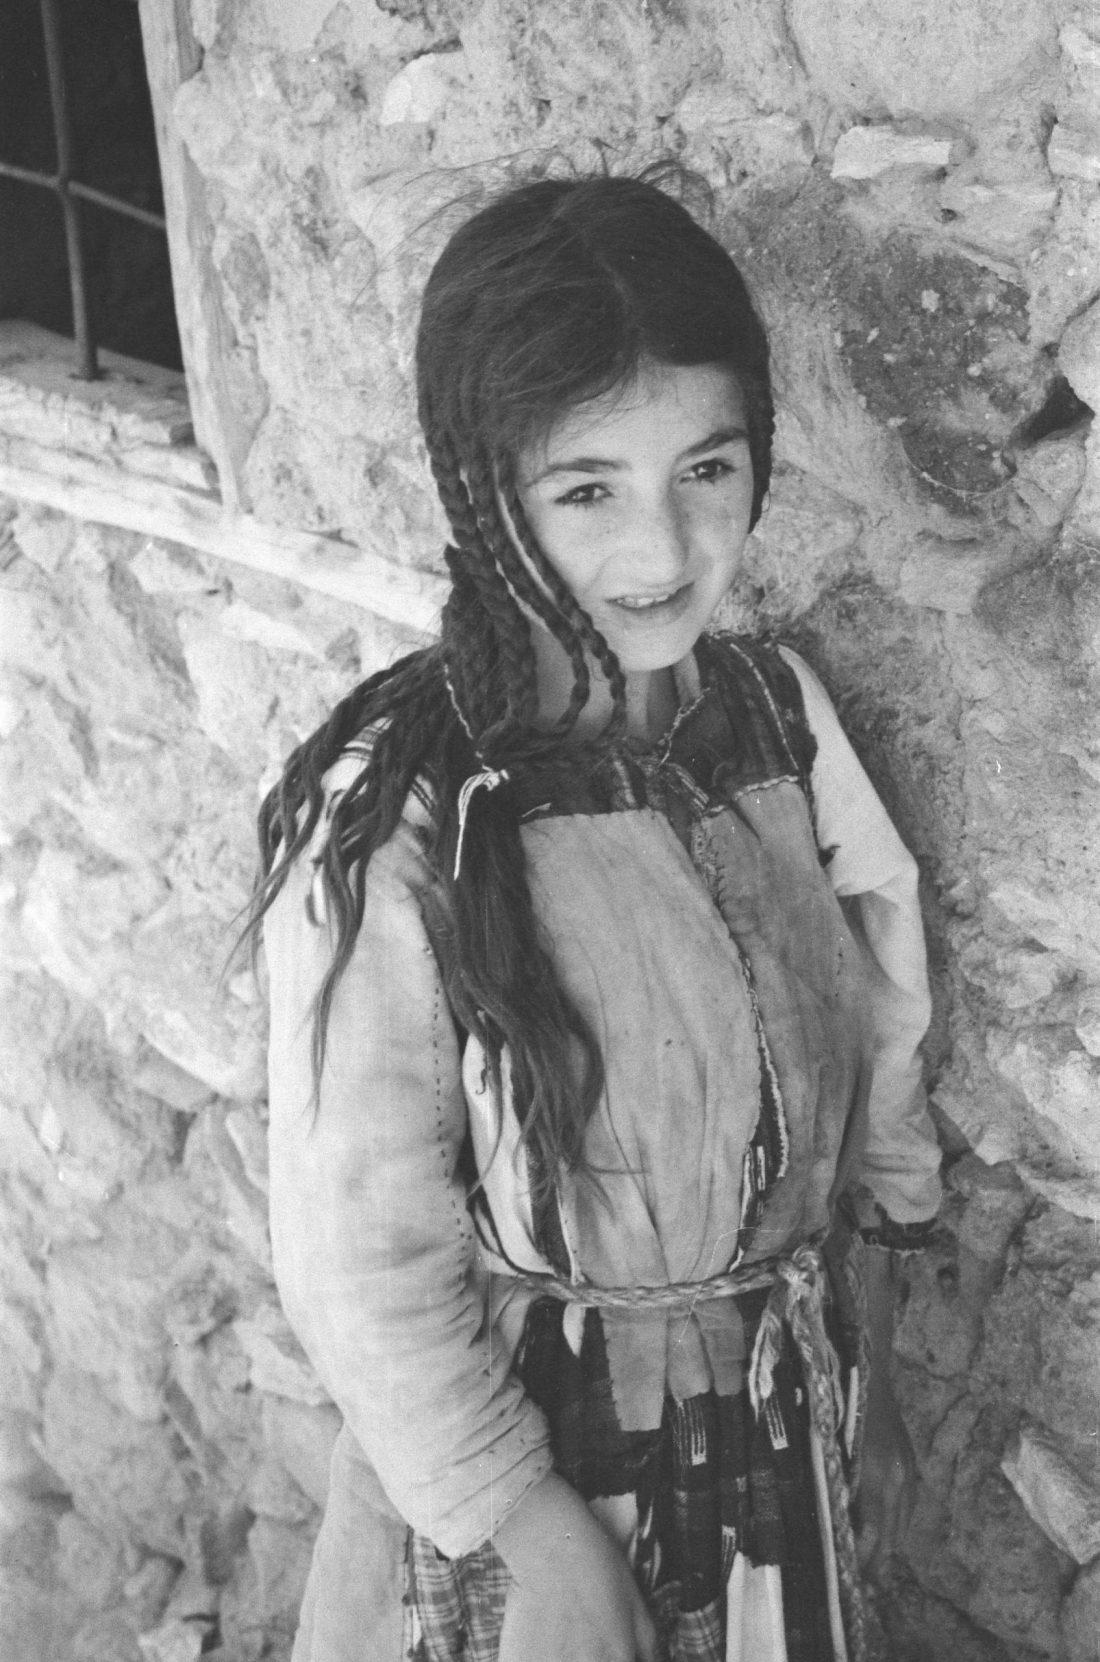 A. Eckstein, Kız Çocuǧu, Niǧde,1937